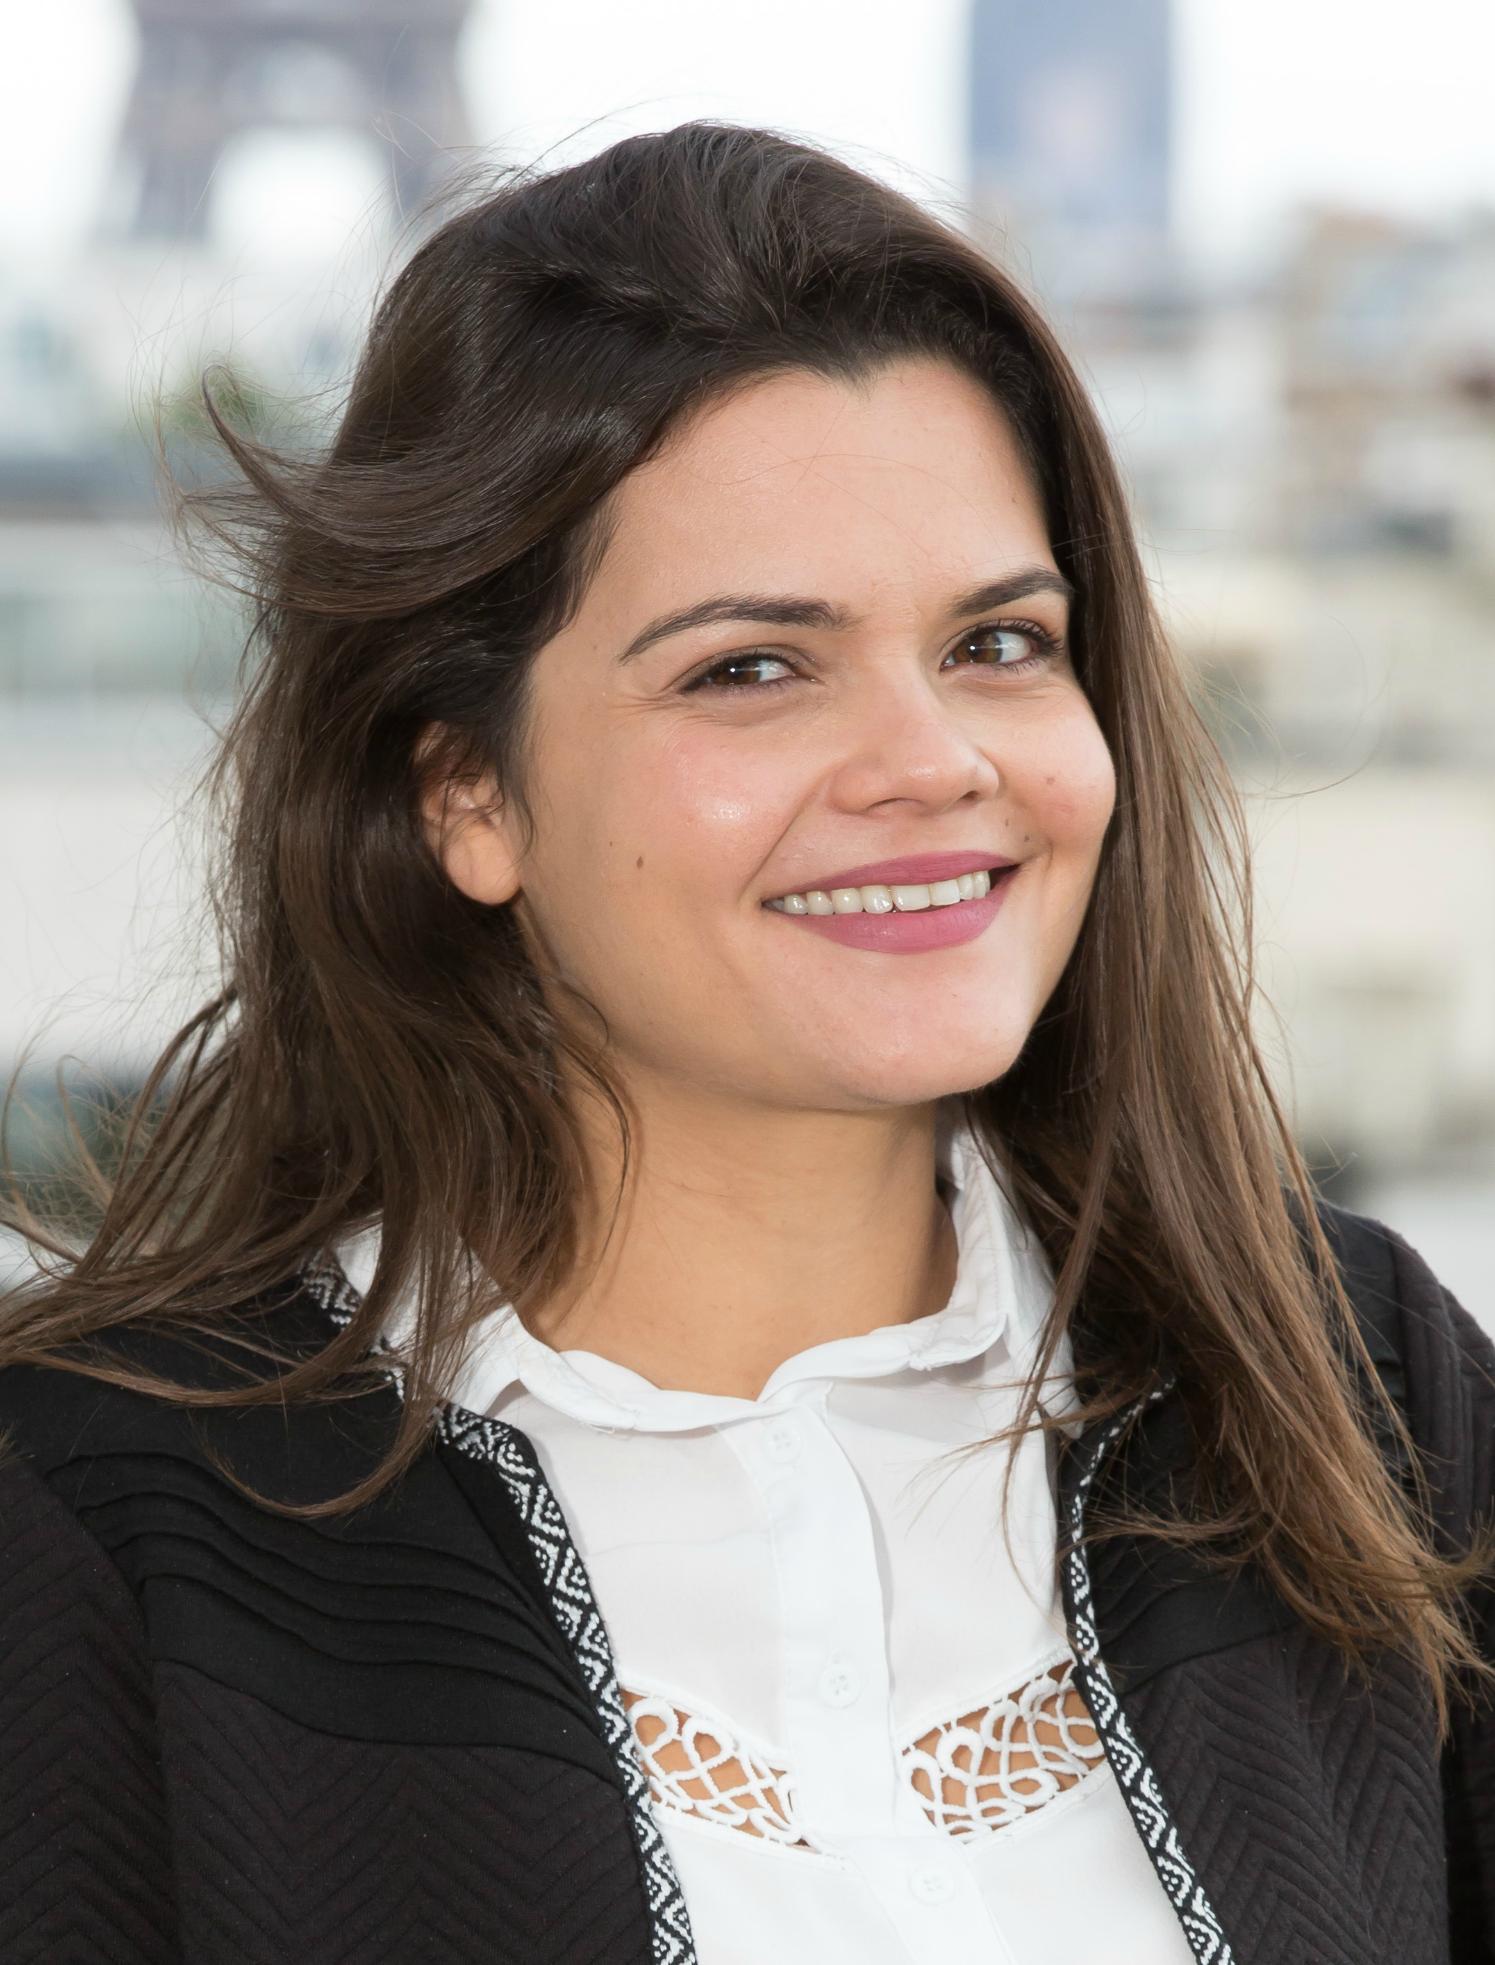 Syrine Ben Mansour